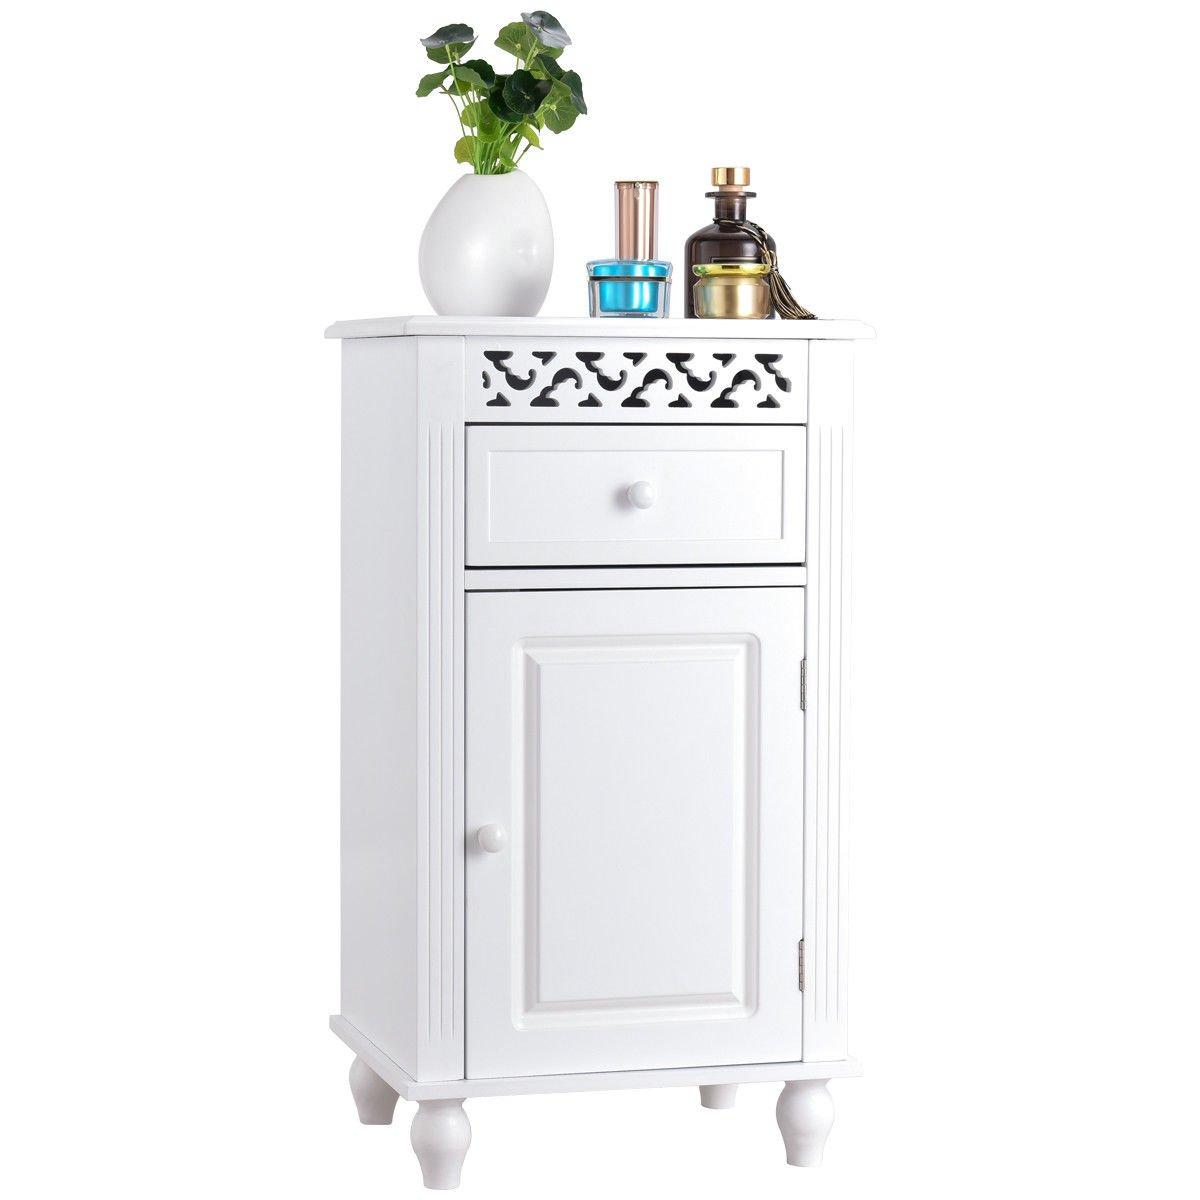 Cabinet Floor Storage Bathroom Organizer Floor Wood Kitchen White Shelf Furniture Drawer 2 Shelves Pantry